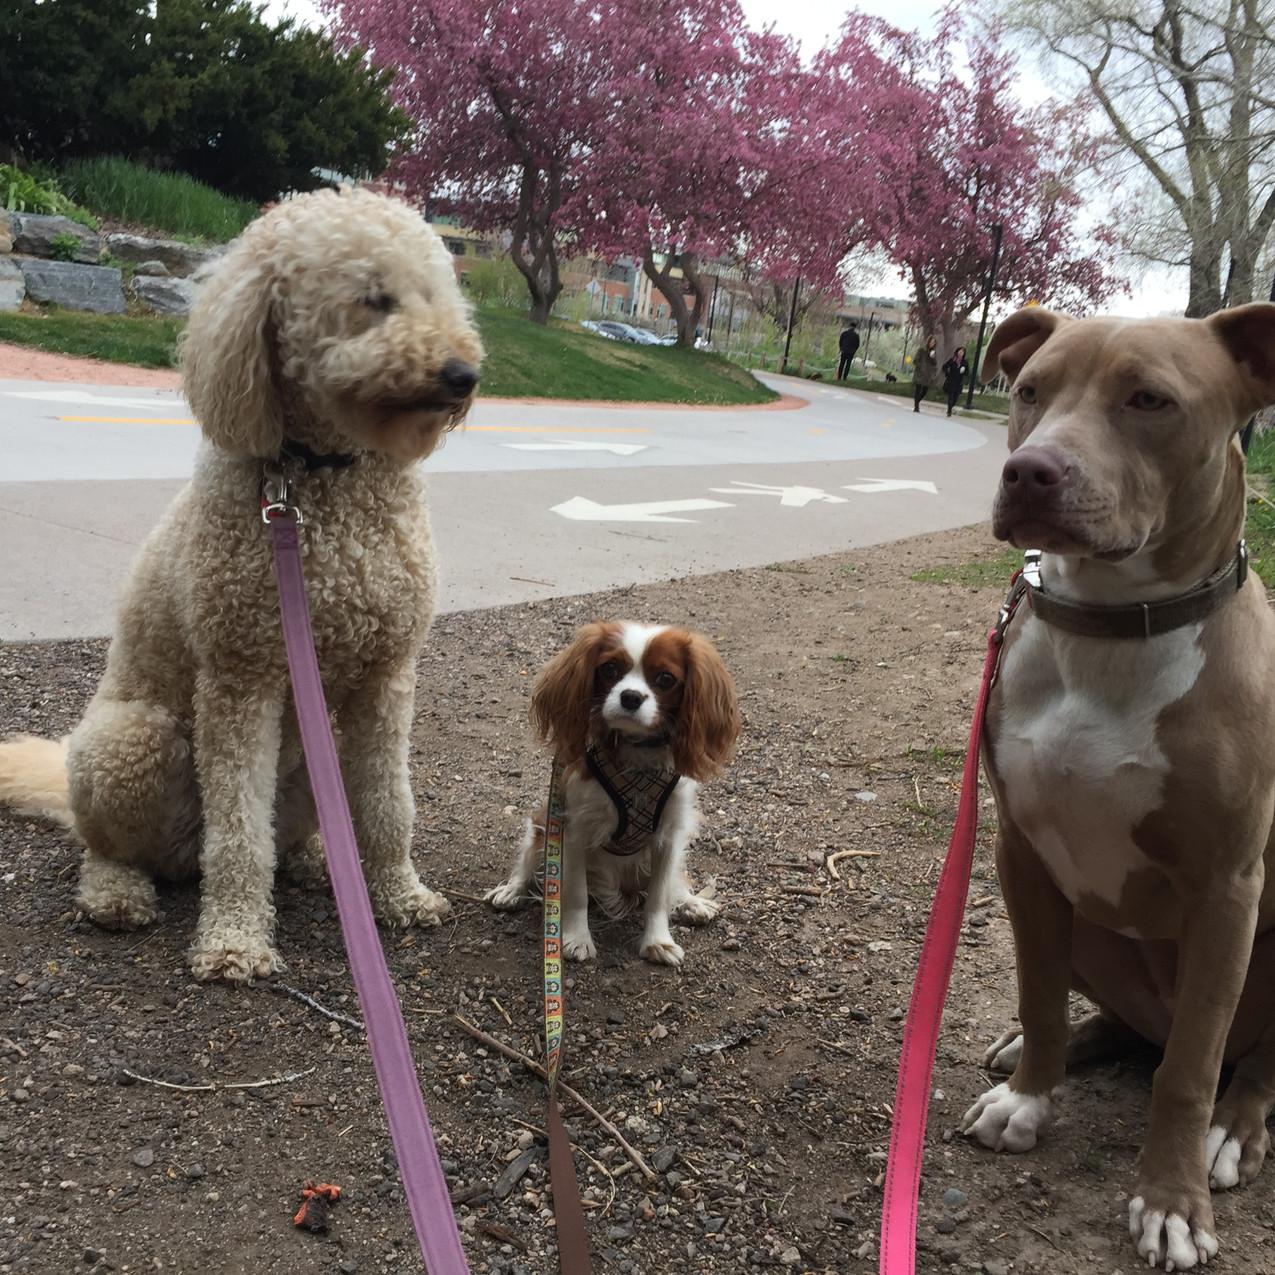 Zoey, Zoe, Rey